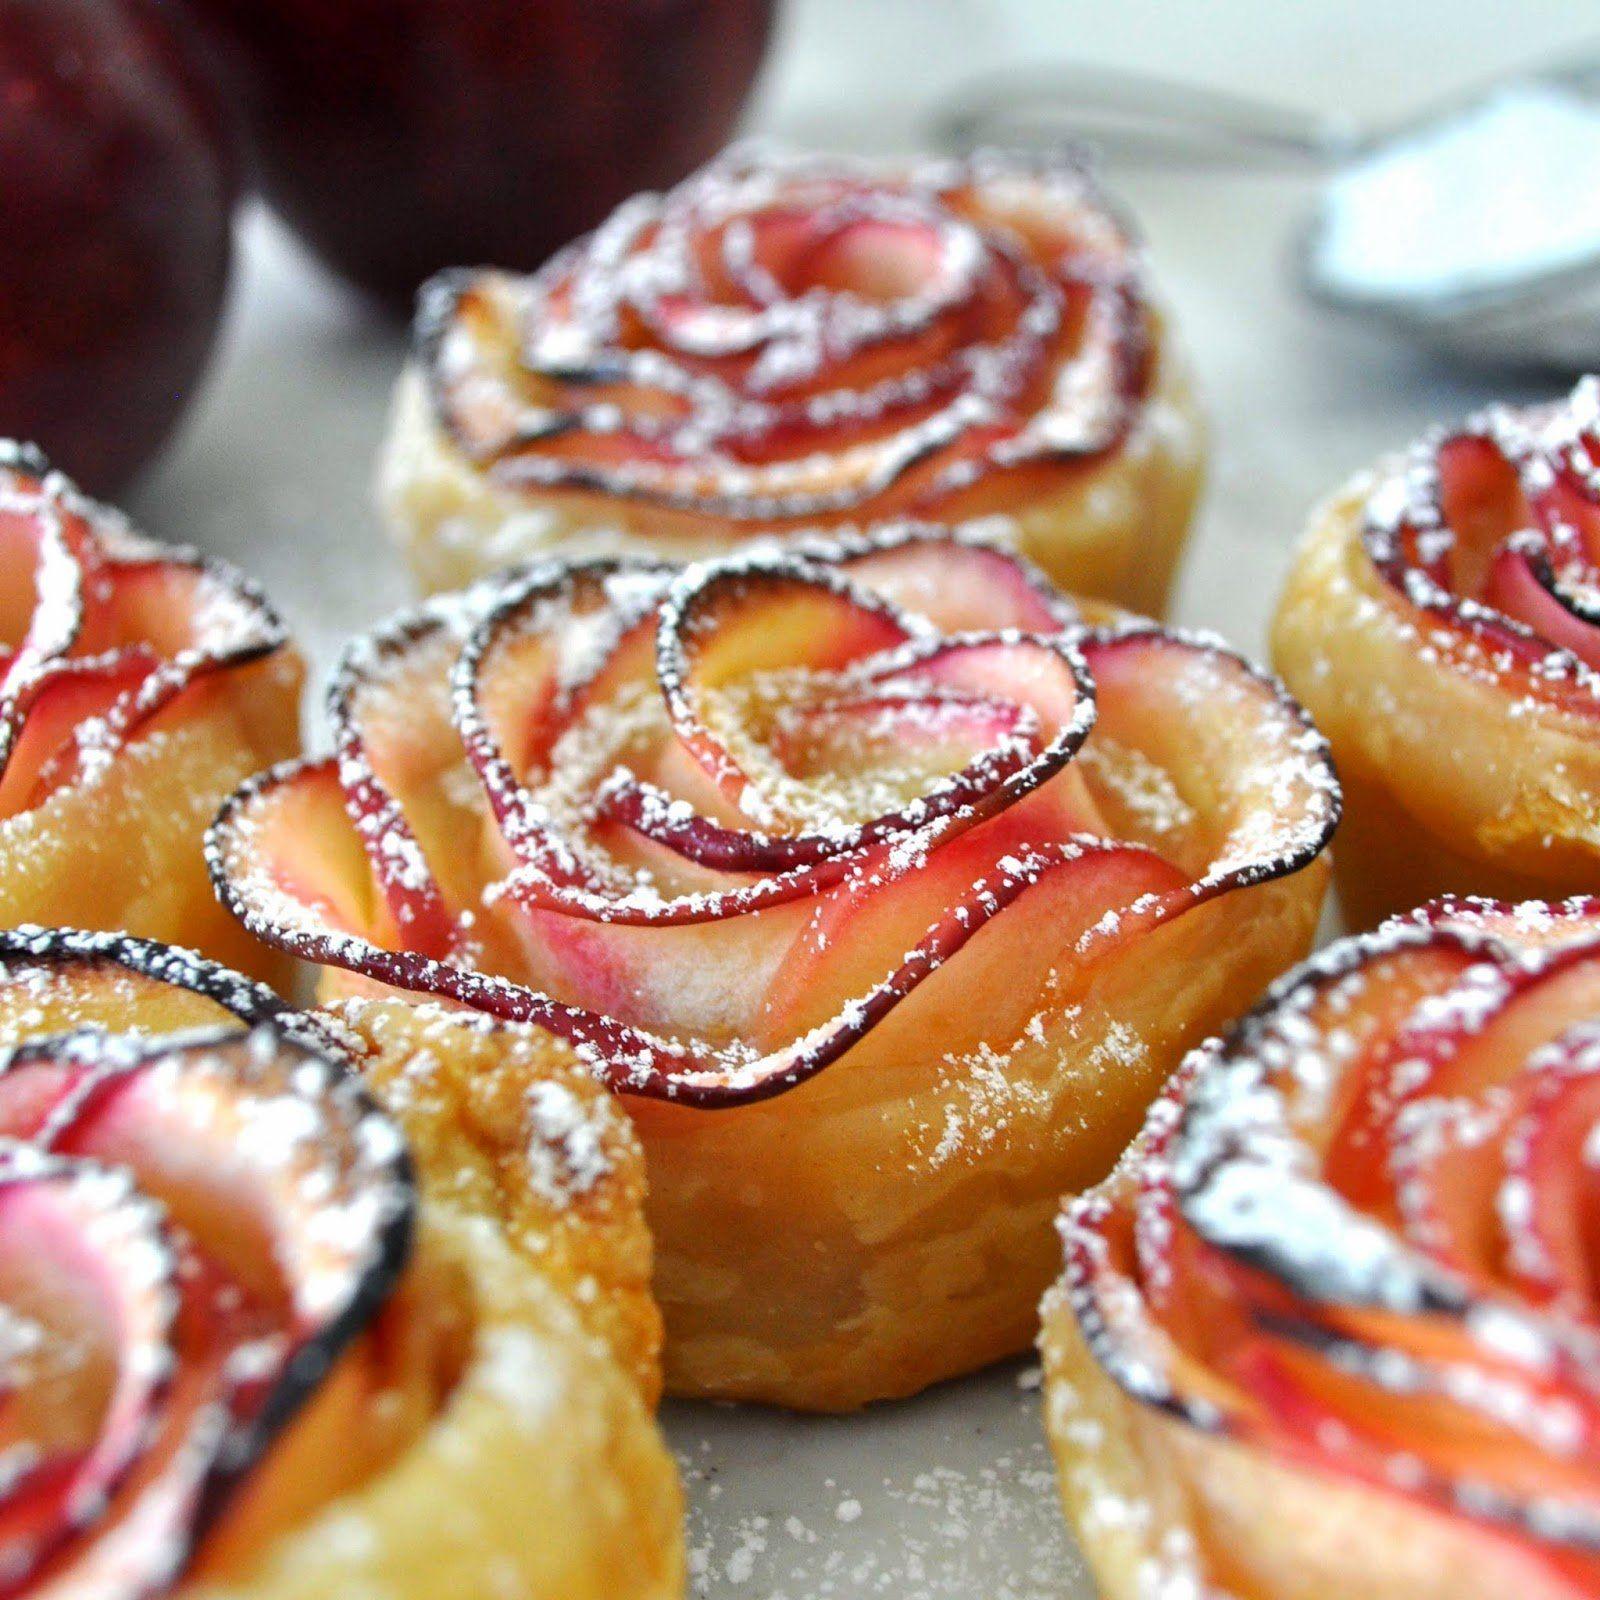 Verras en verbaas jouw gasten met deze heerlijke appel roosjes uit de oven!